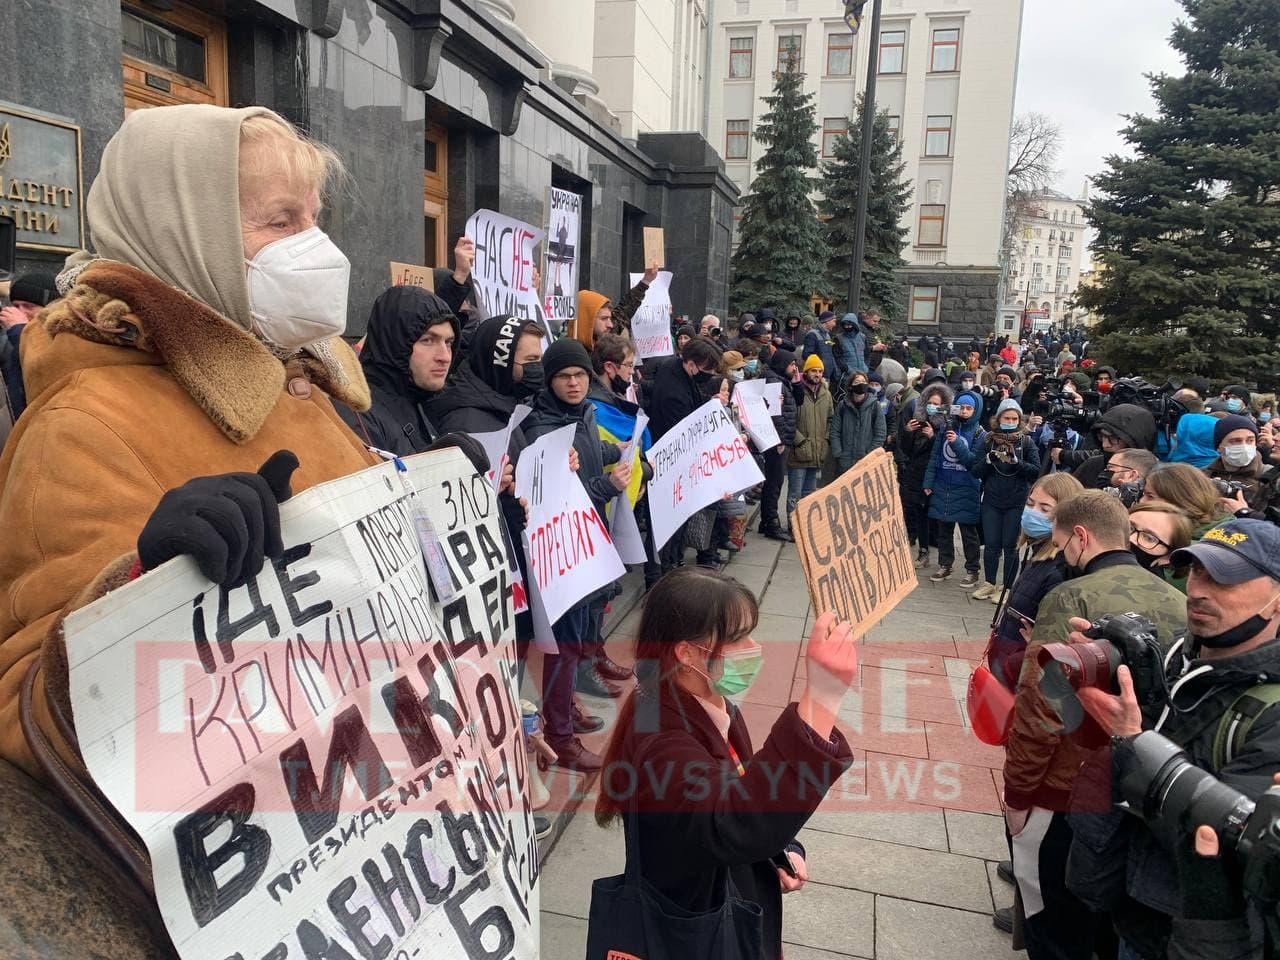 У Києві активісти на підтримку Стерненка крокують до Генпрокуратури: уся колона в диму (фото) - фото 5